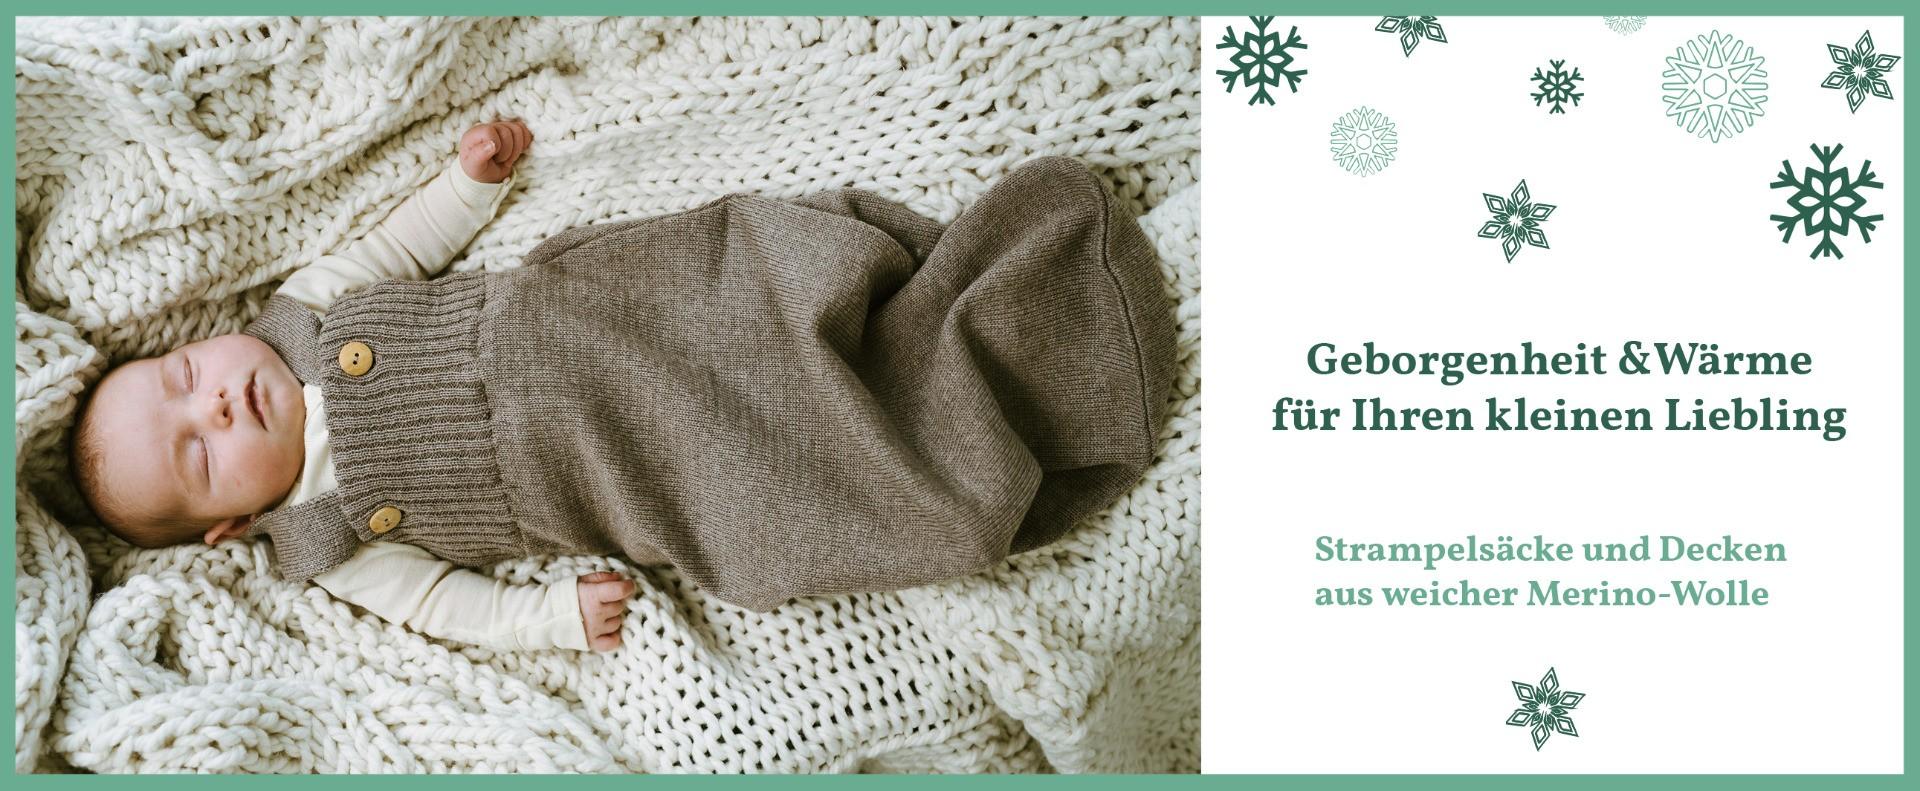 Strampelsäcke&Decken Merino-Wolle